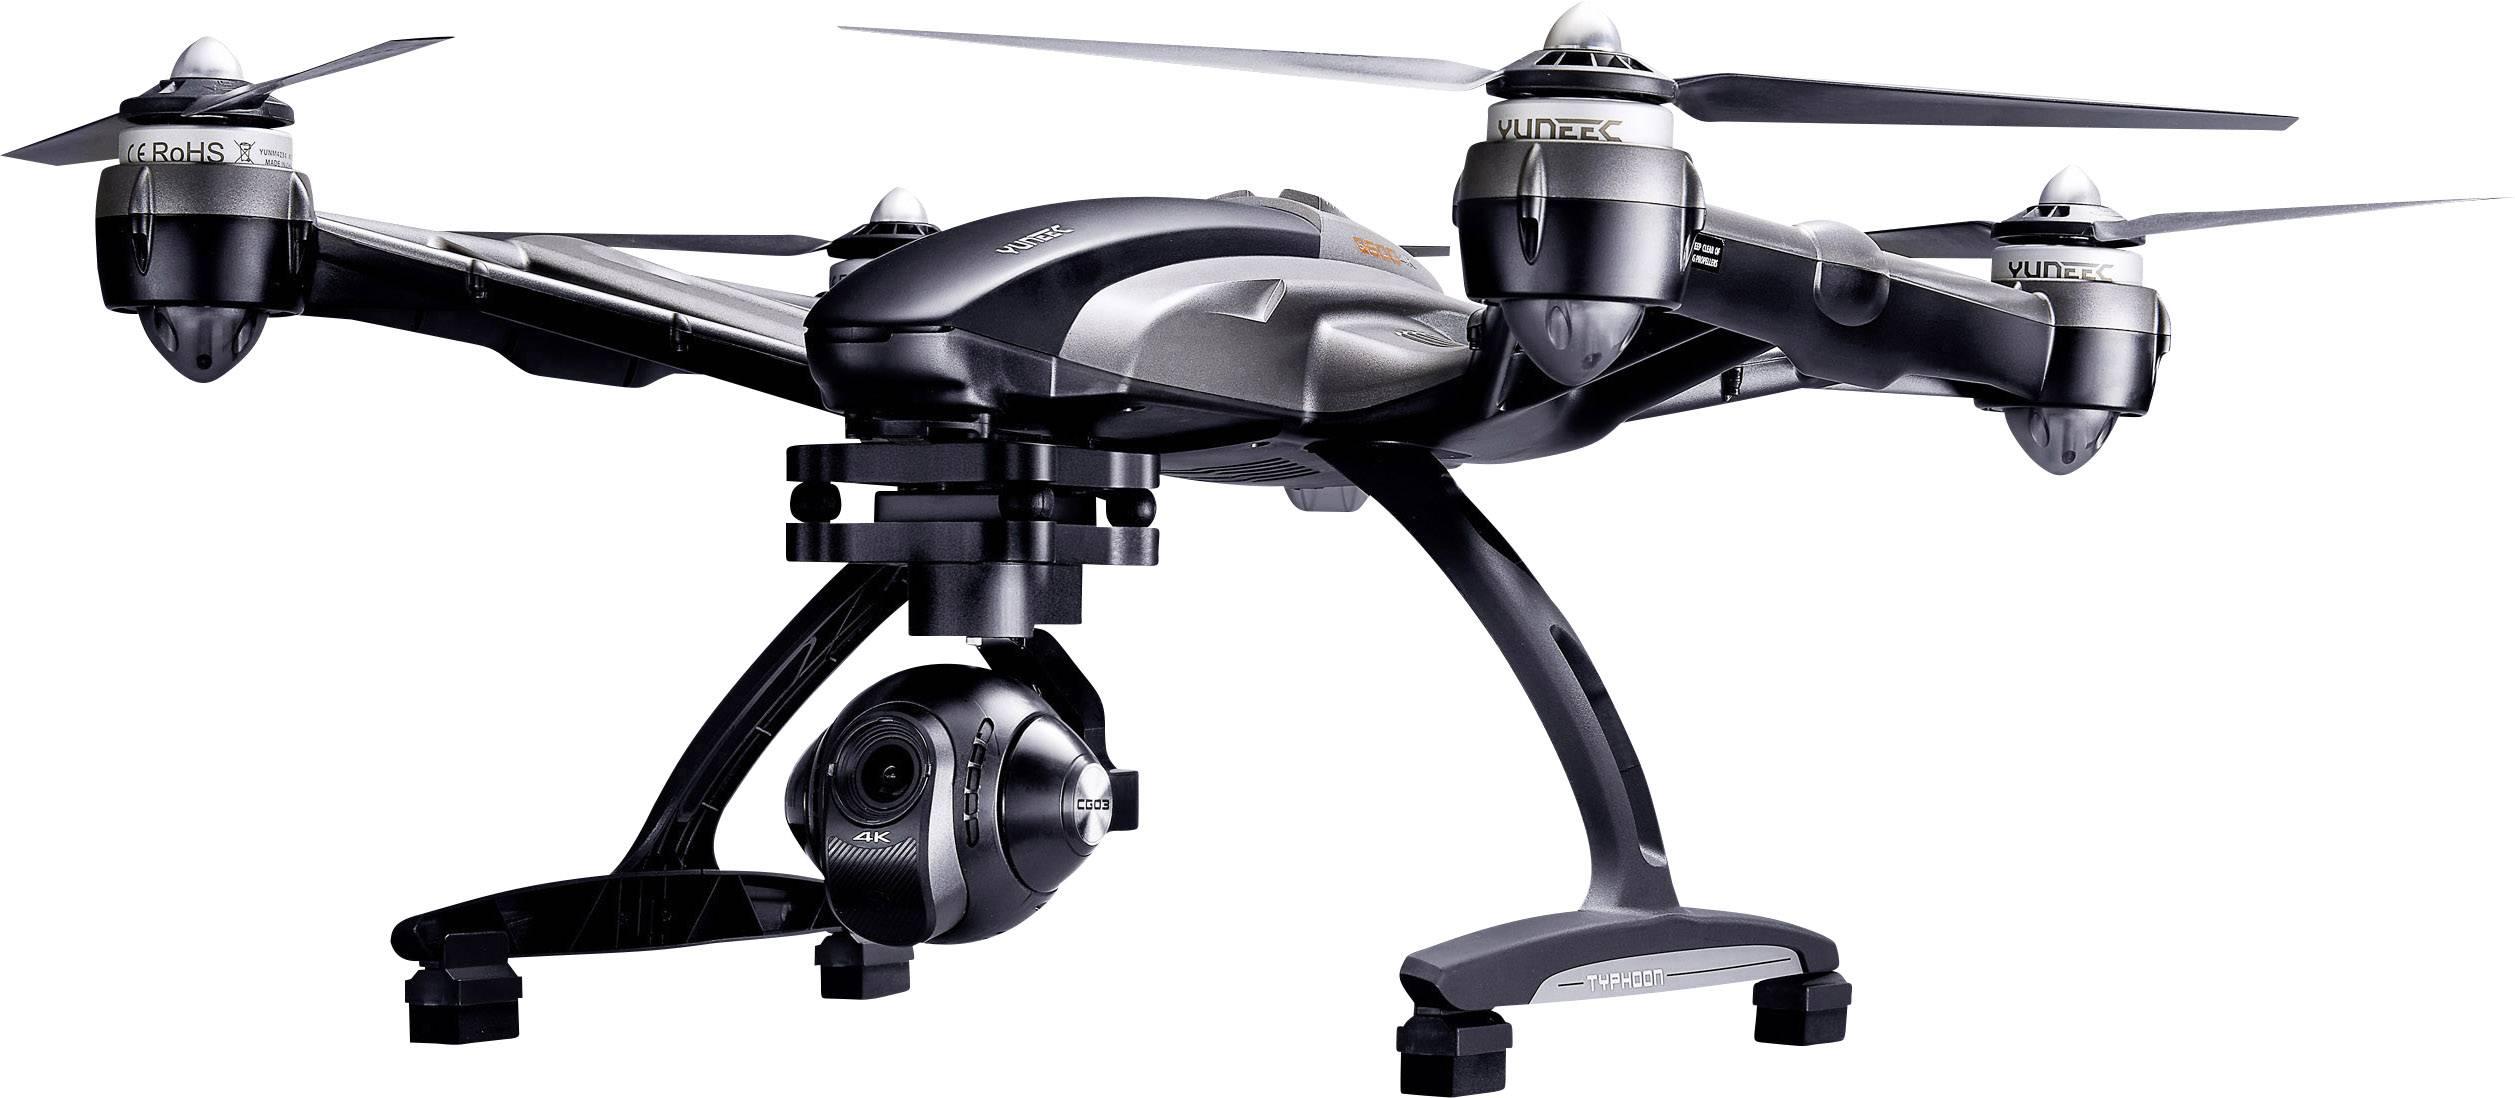 Dron Yuneec Typhoon Q500 4K, RtF, s kamerou